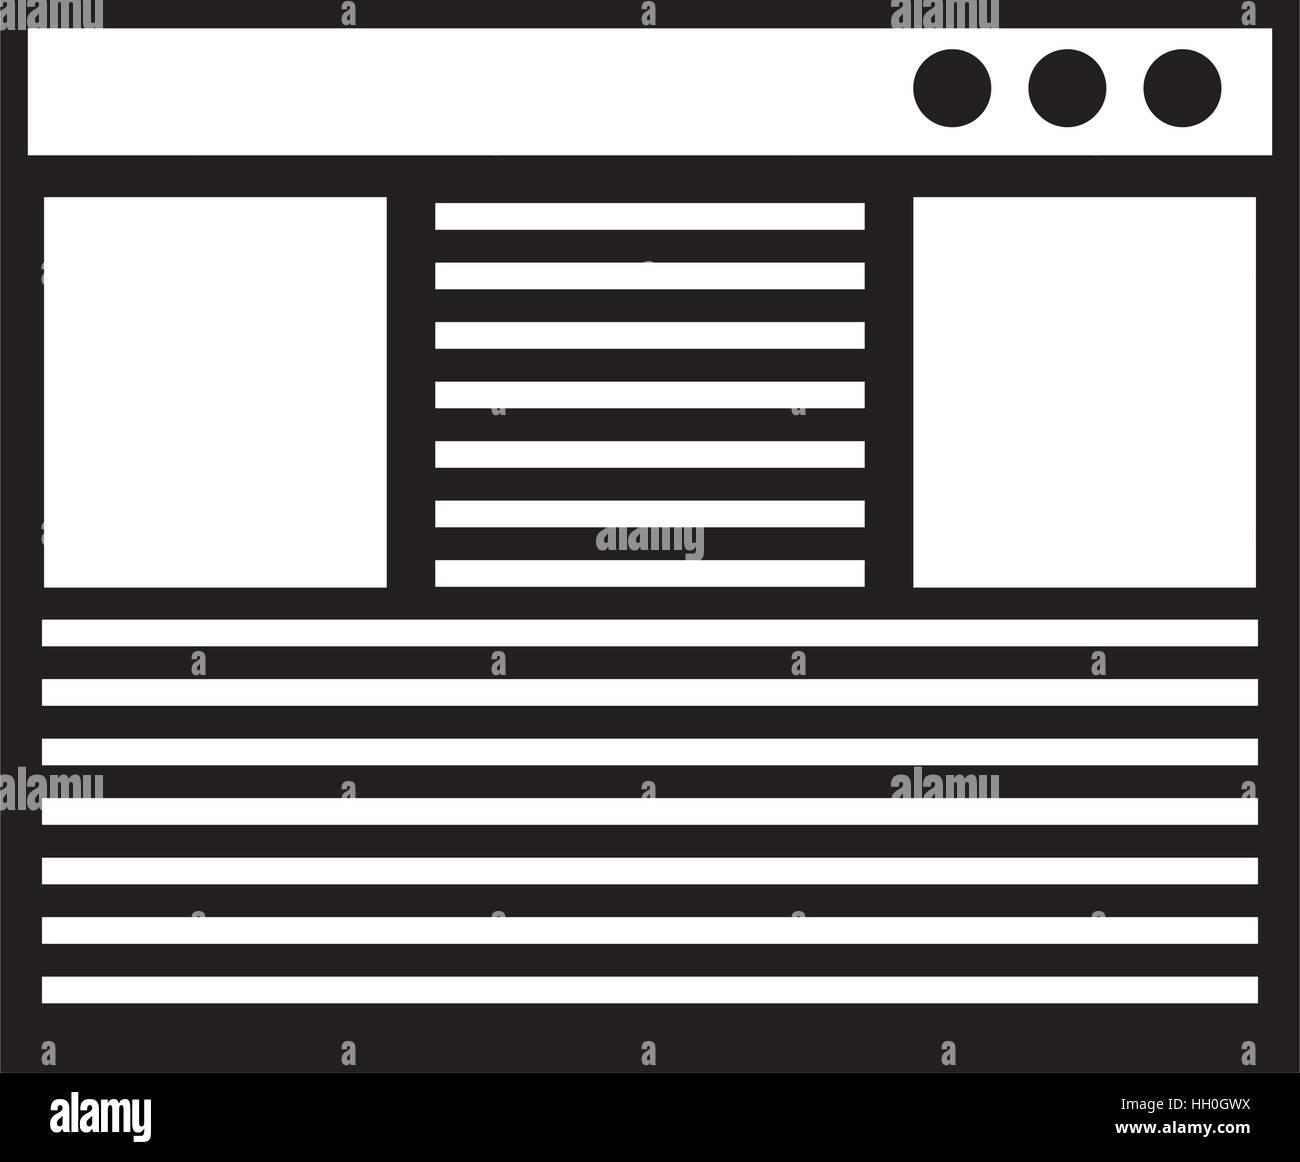 Charmant Vorlagen Für Belegbeispiele Galerie - Entry Level Resume ...